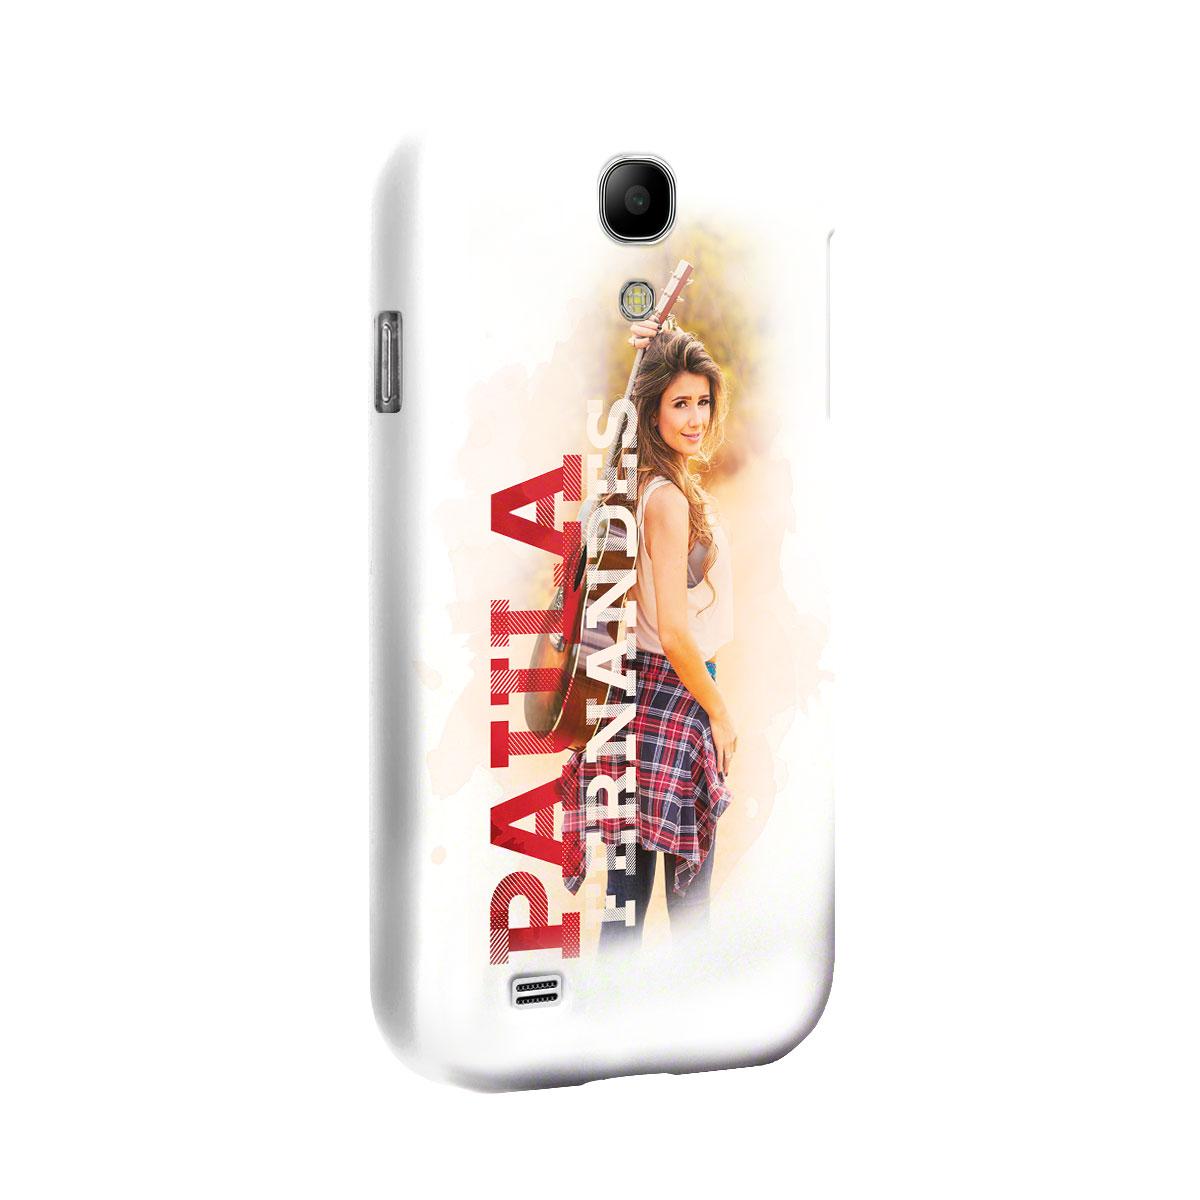 Capa para Samsung Galaxy S4 Paula Fernandes Colors